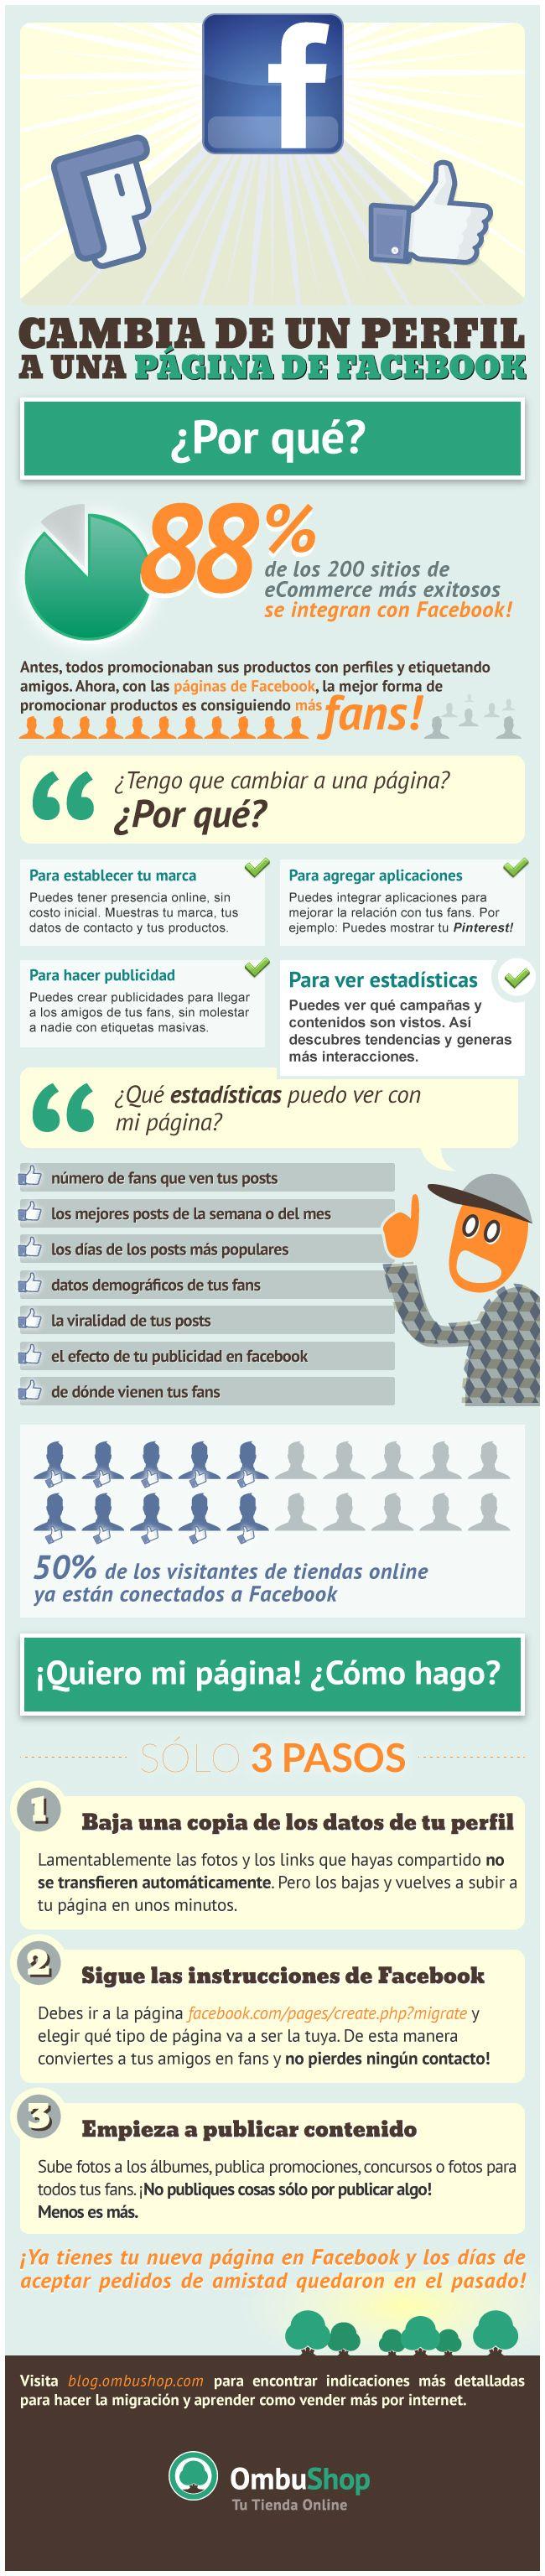 Cambia de un perfil a una página en FaceBook #infografia #infographic #socialmedia